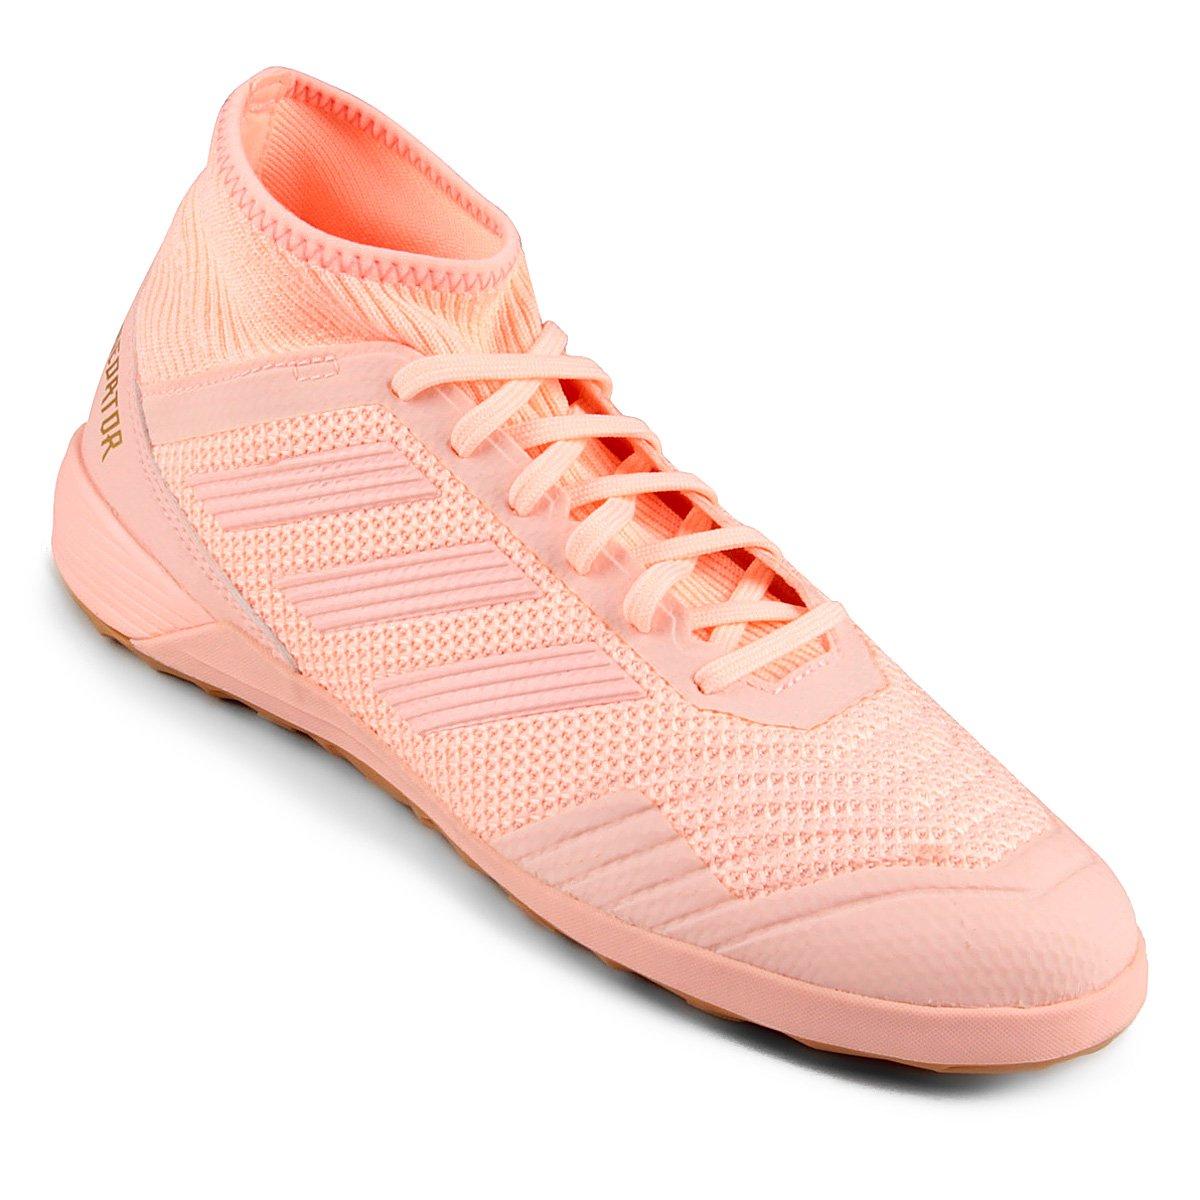 fd028dc3429ba Chuteira Futsal Adidas Predator Tan 18 3 IN - Compre Agora